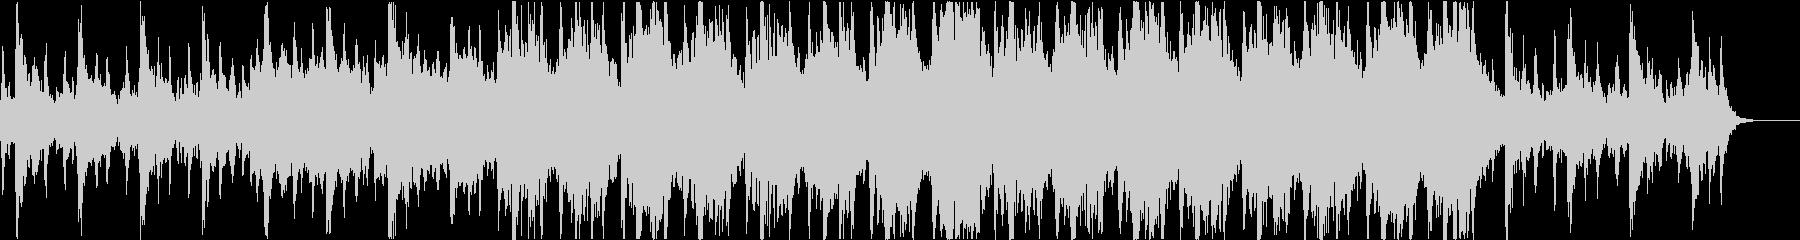 重厚なファンタジーのオーケストラの未再生の波形